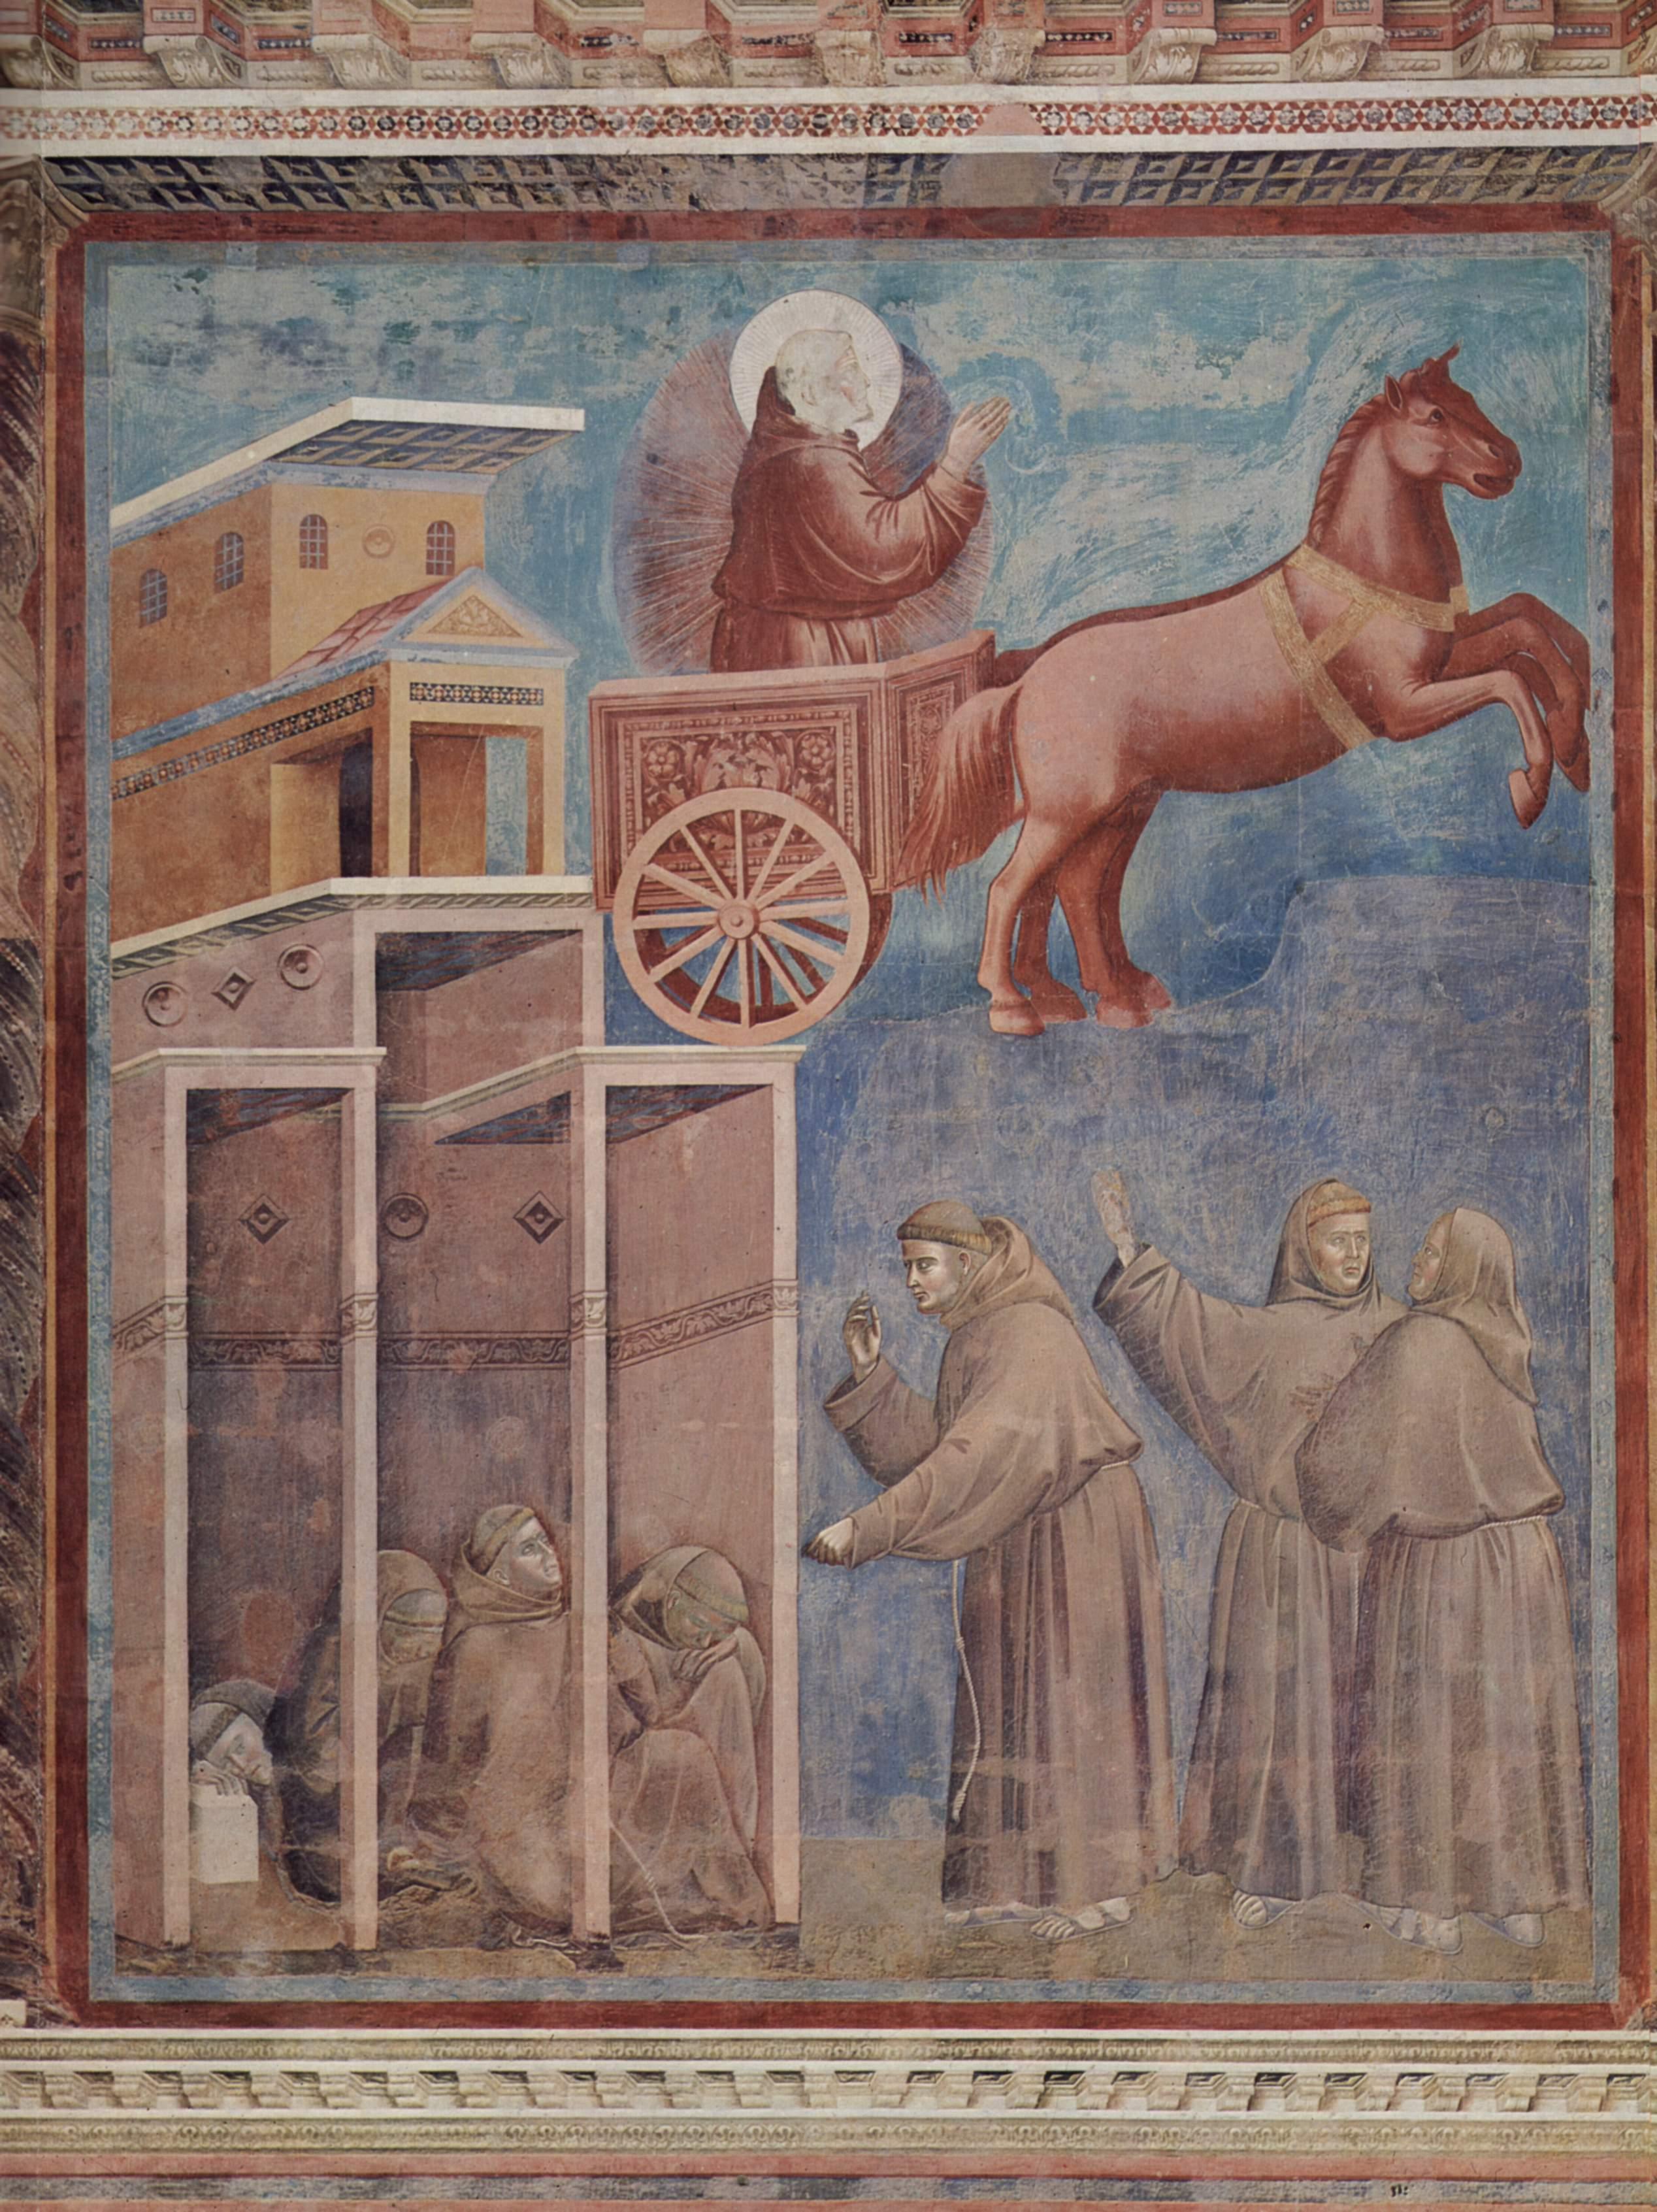 Цикл фресок о жизни св. Франциска Ассизского. Видение огненной колесницы, Джотто ди Бондоне